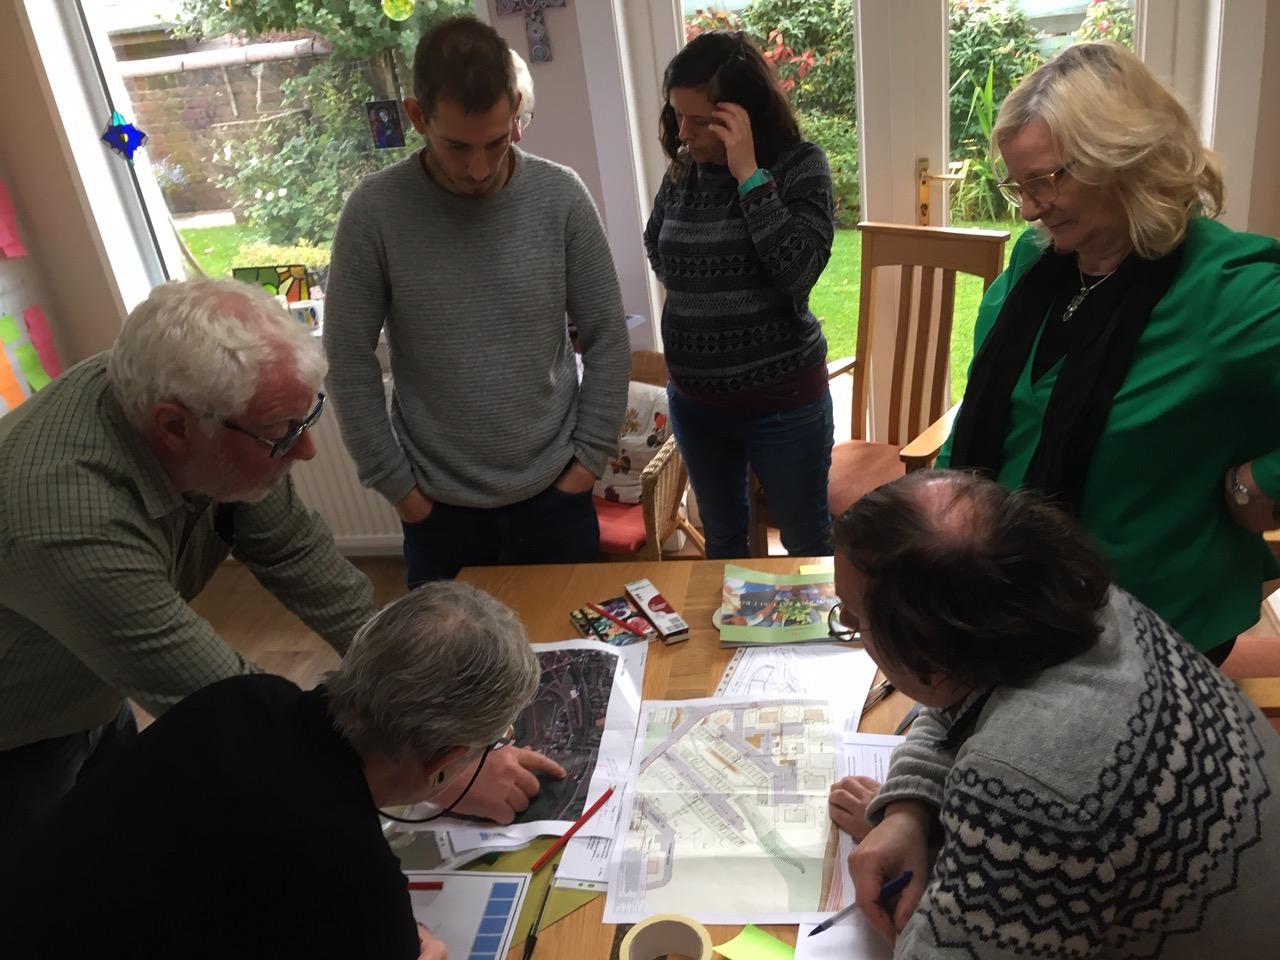 Clachan cohousing